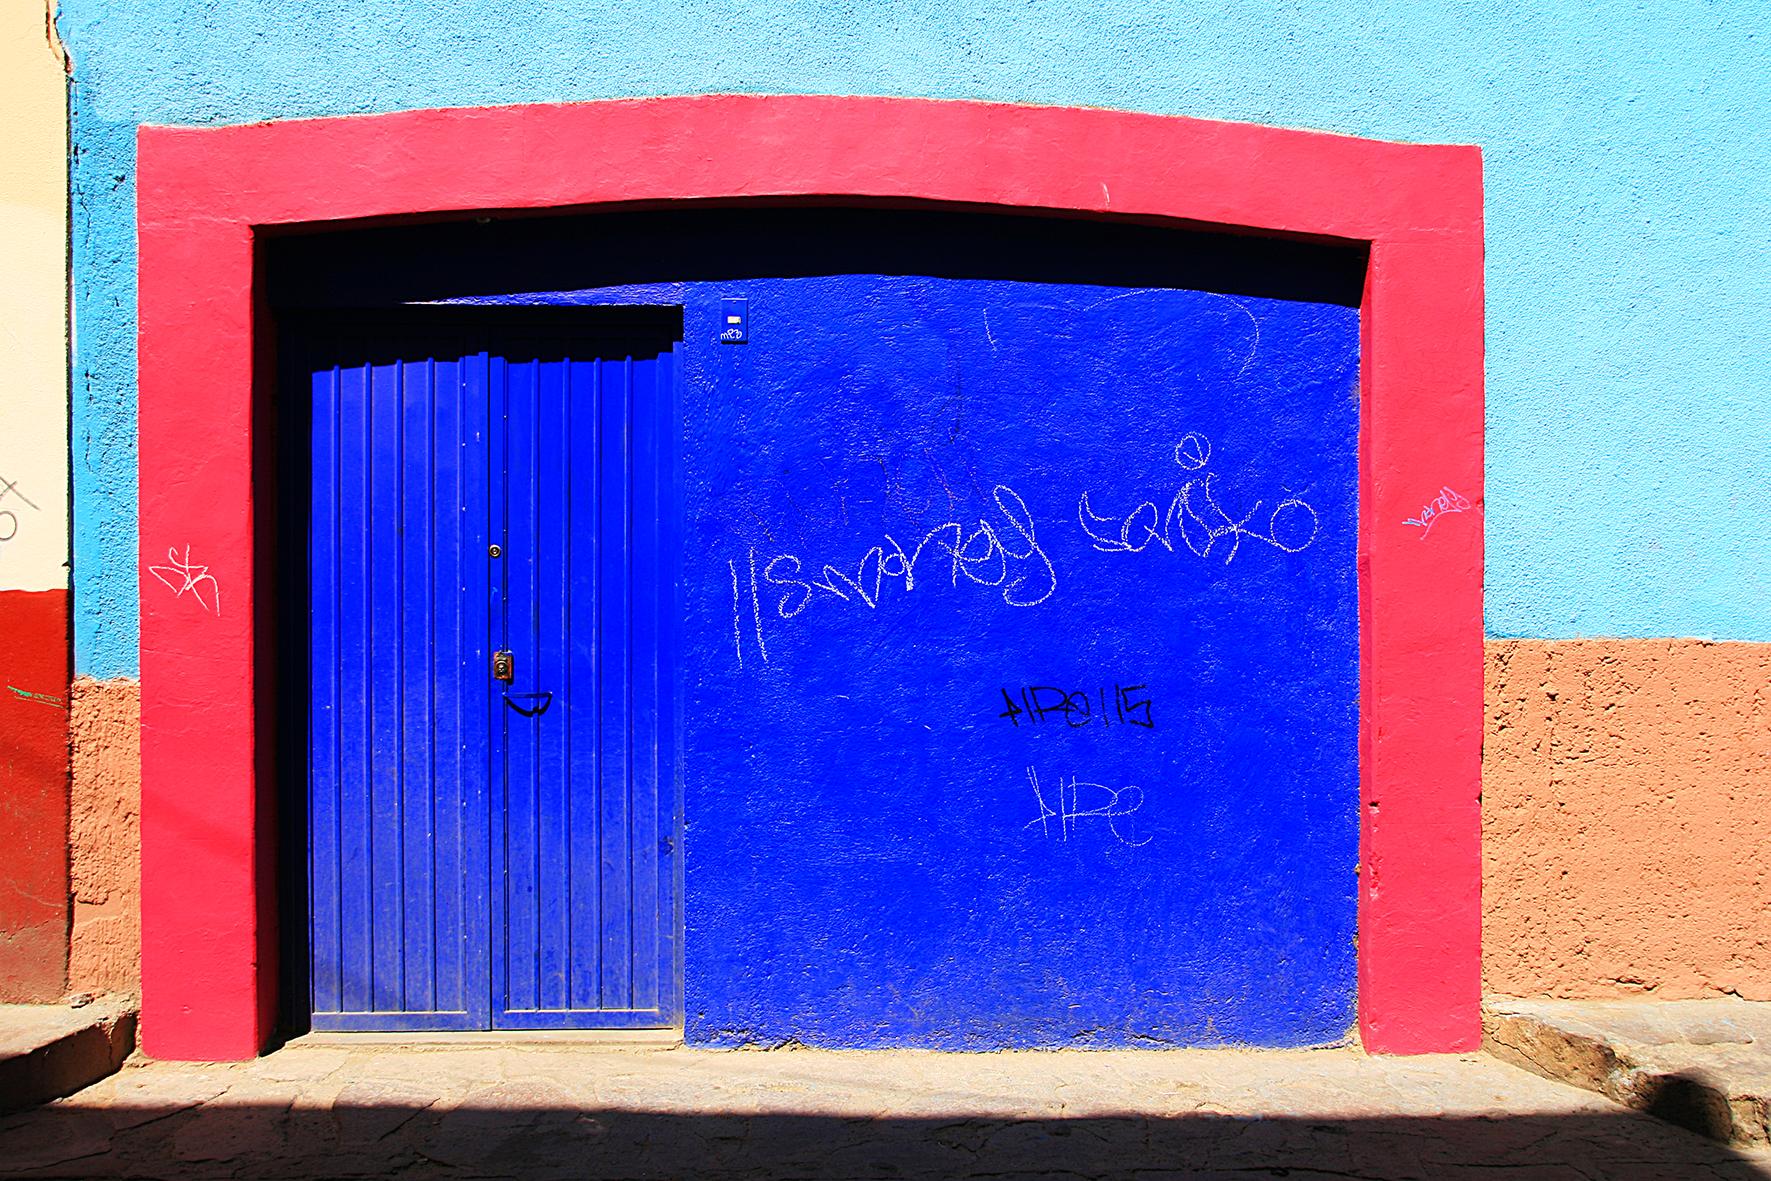 Mexique, Zacatecas. 2008